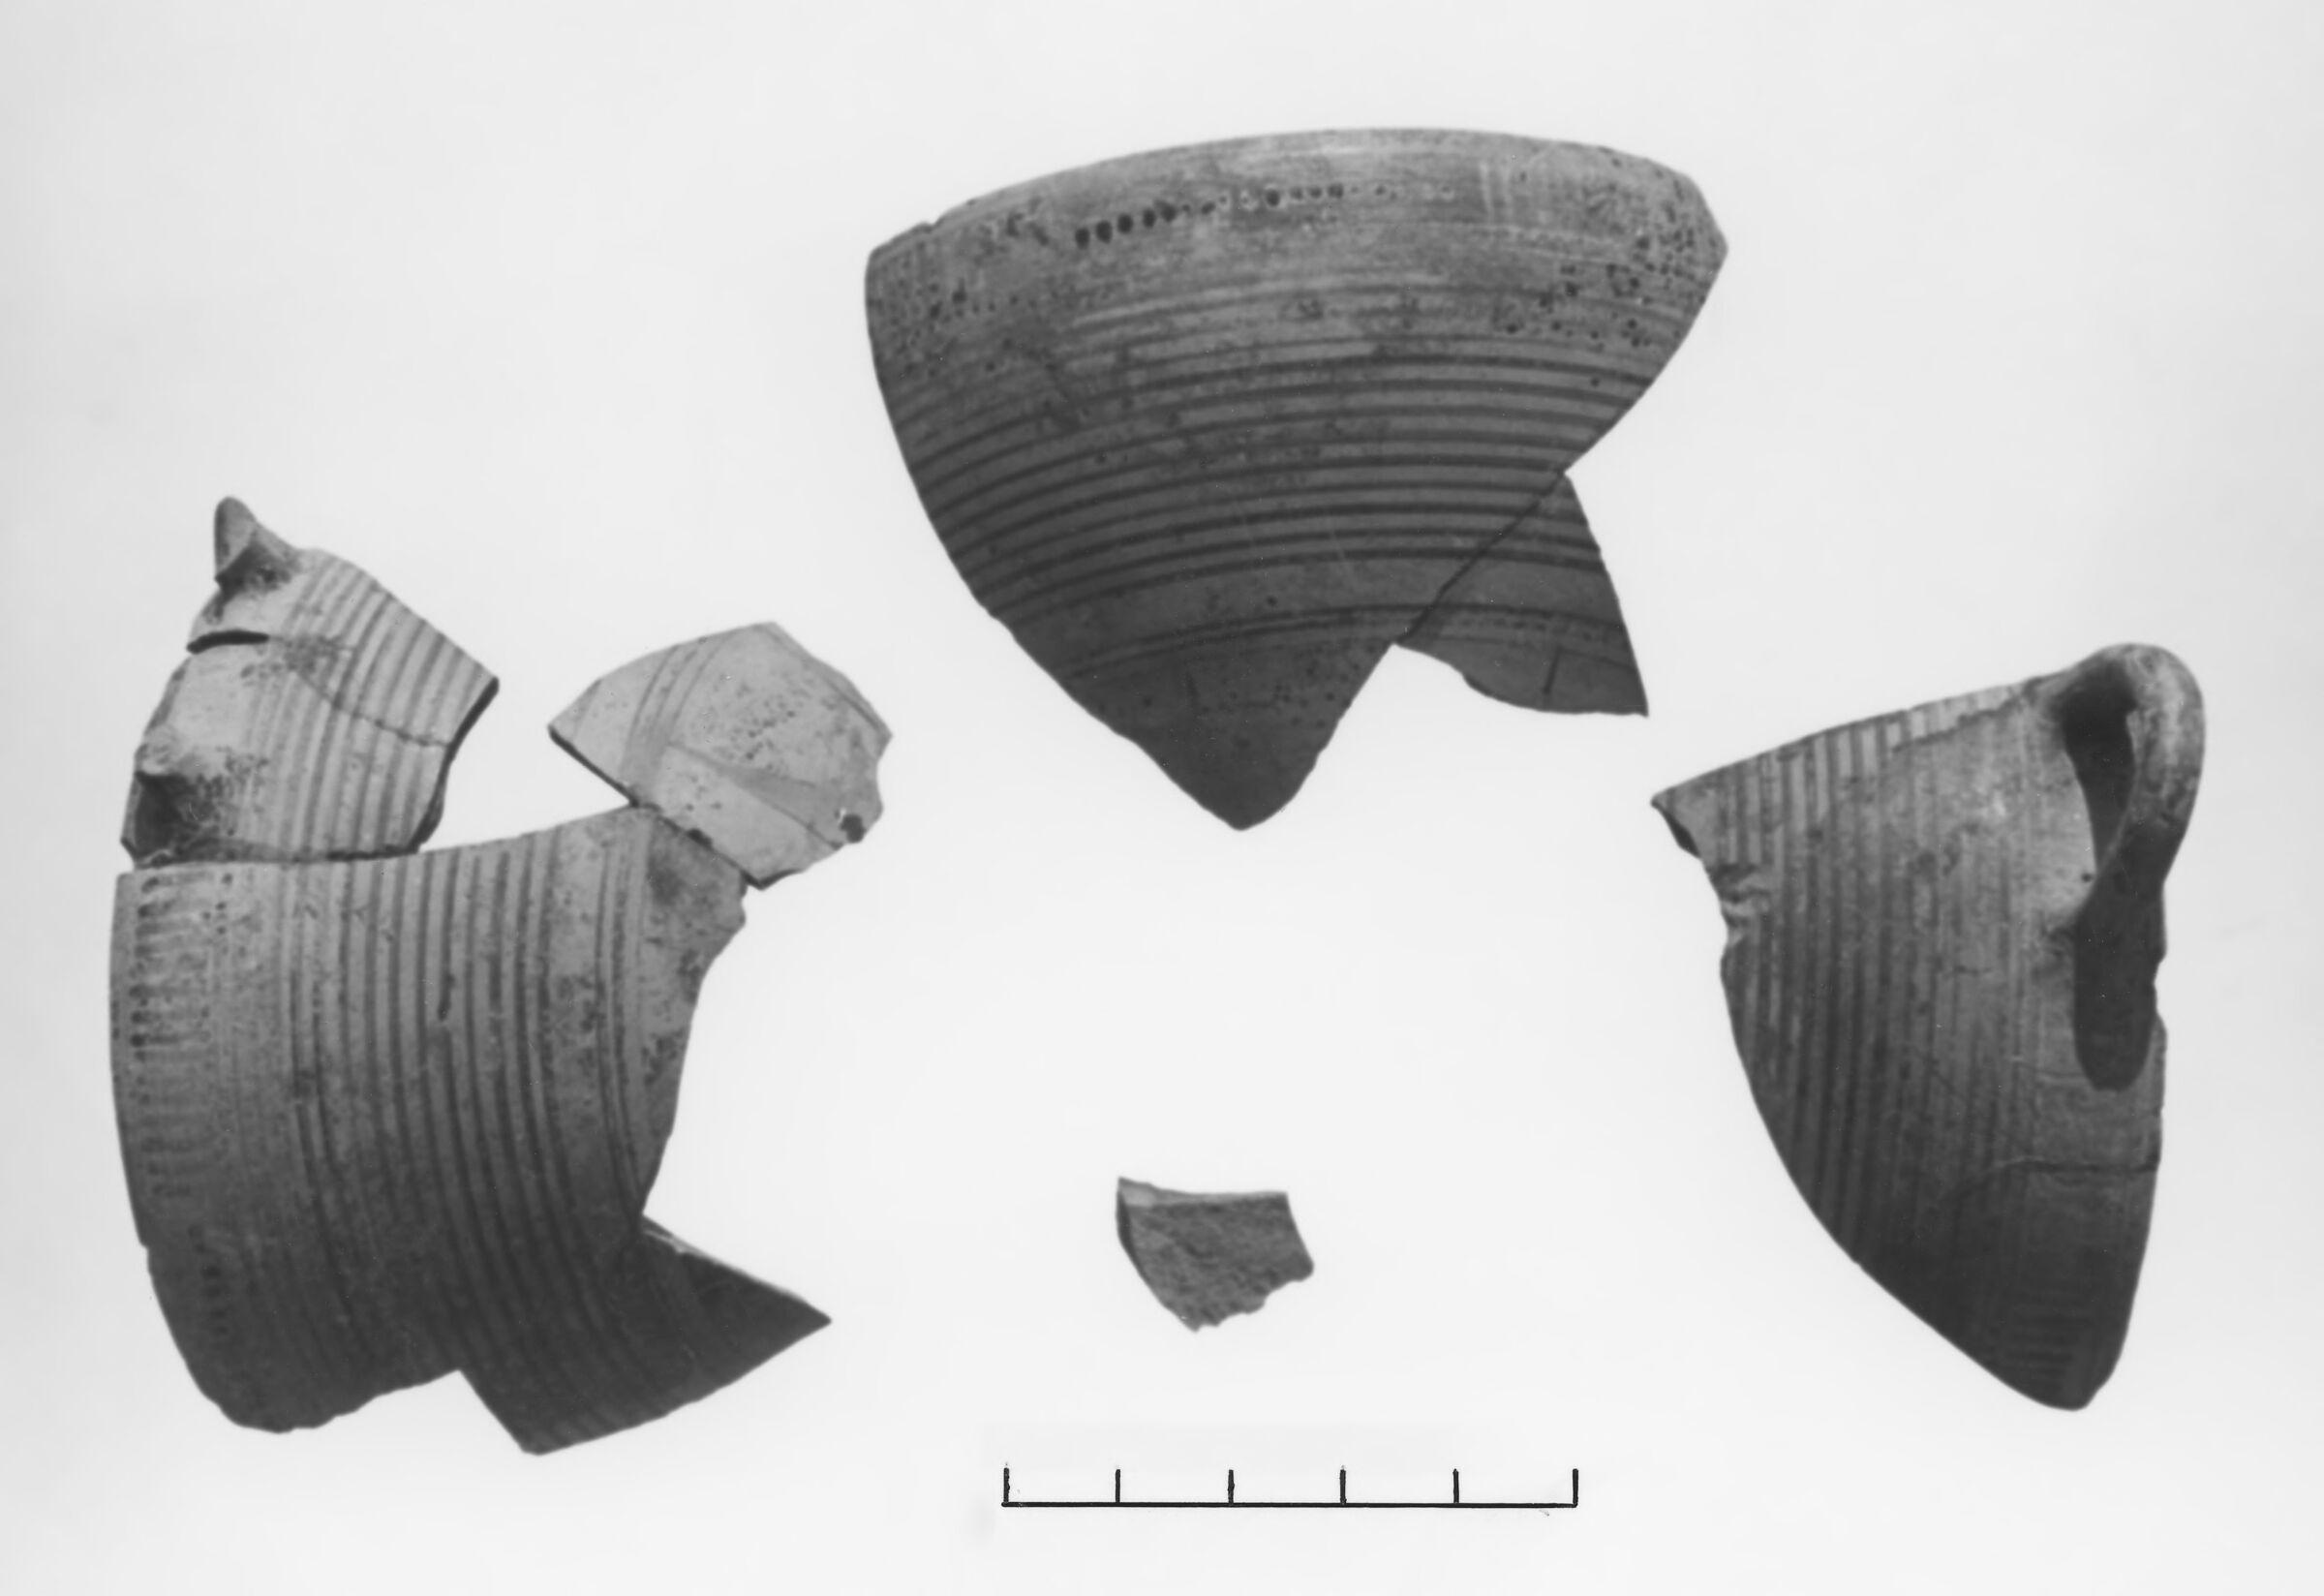 Corinthian Transitional Linear Kotyle Fragments